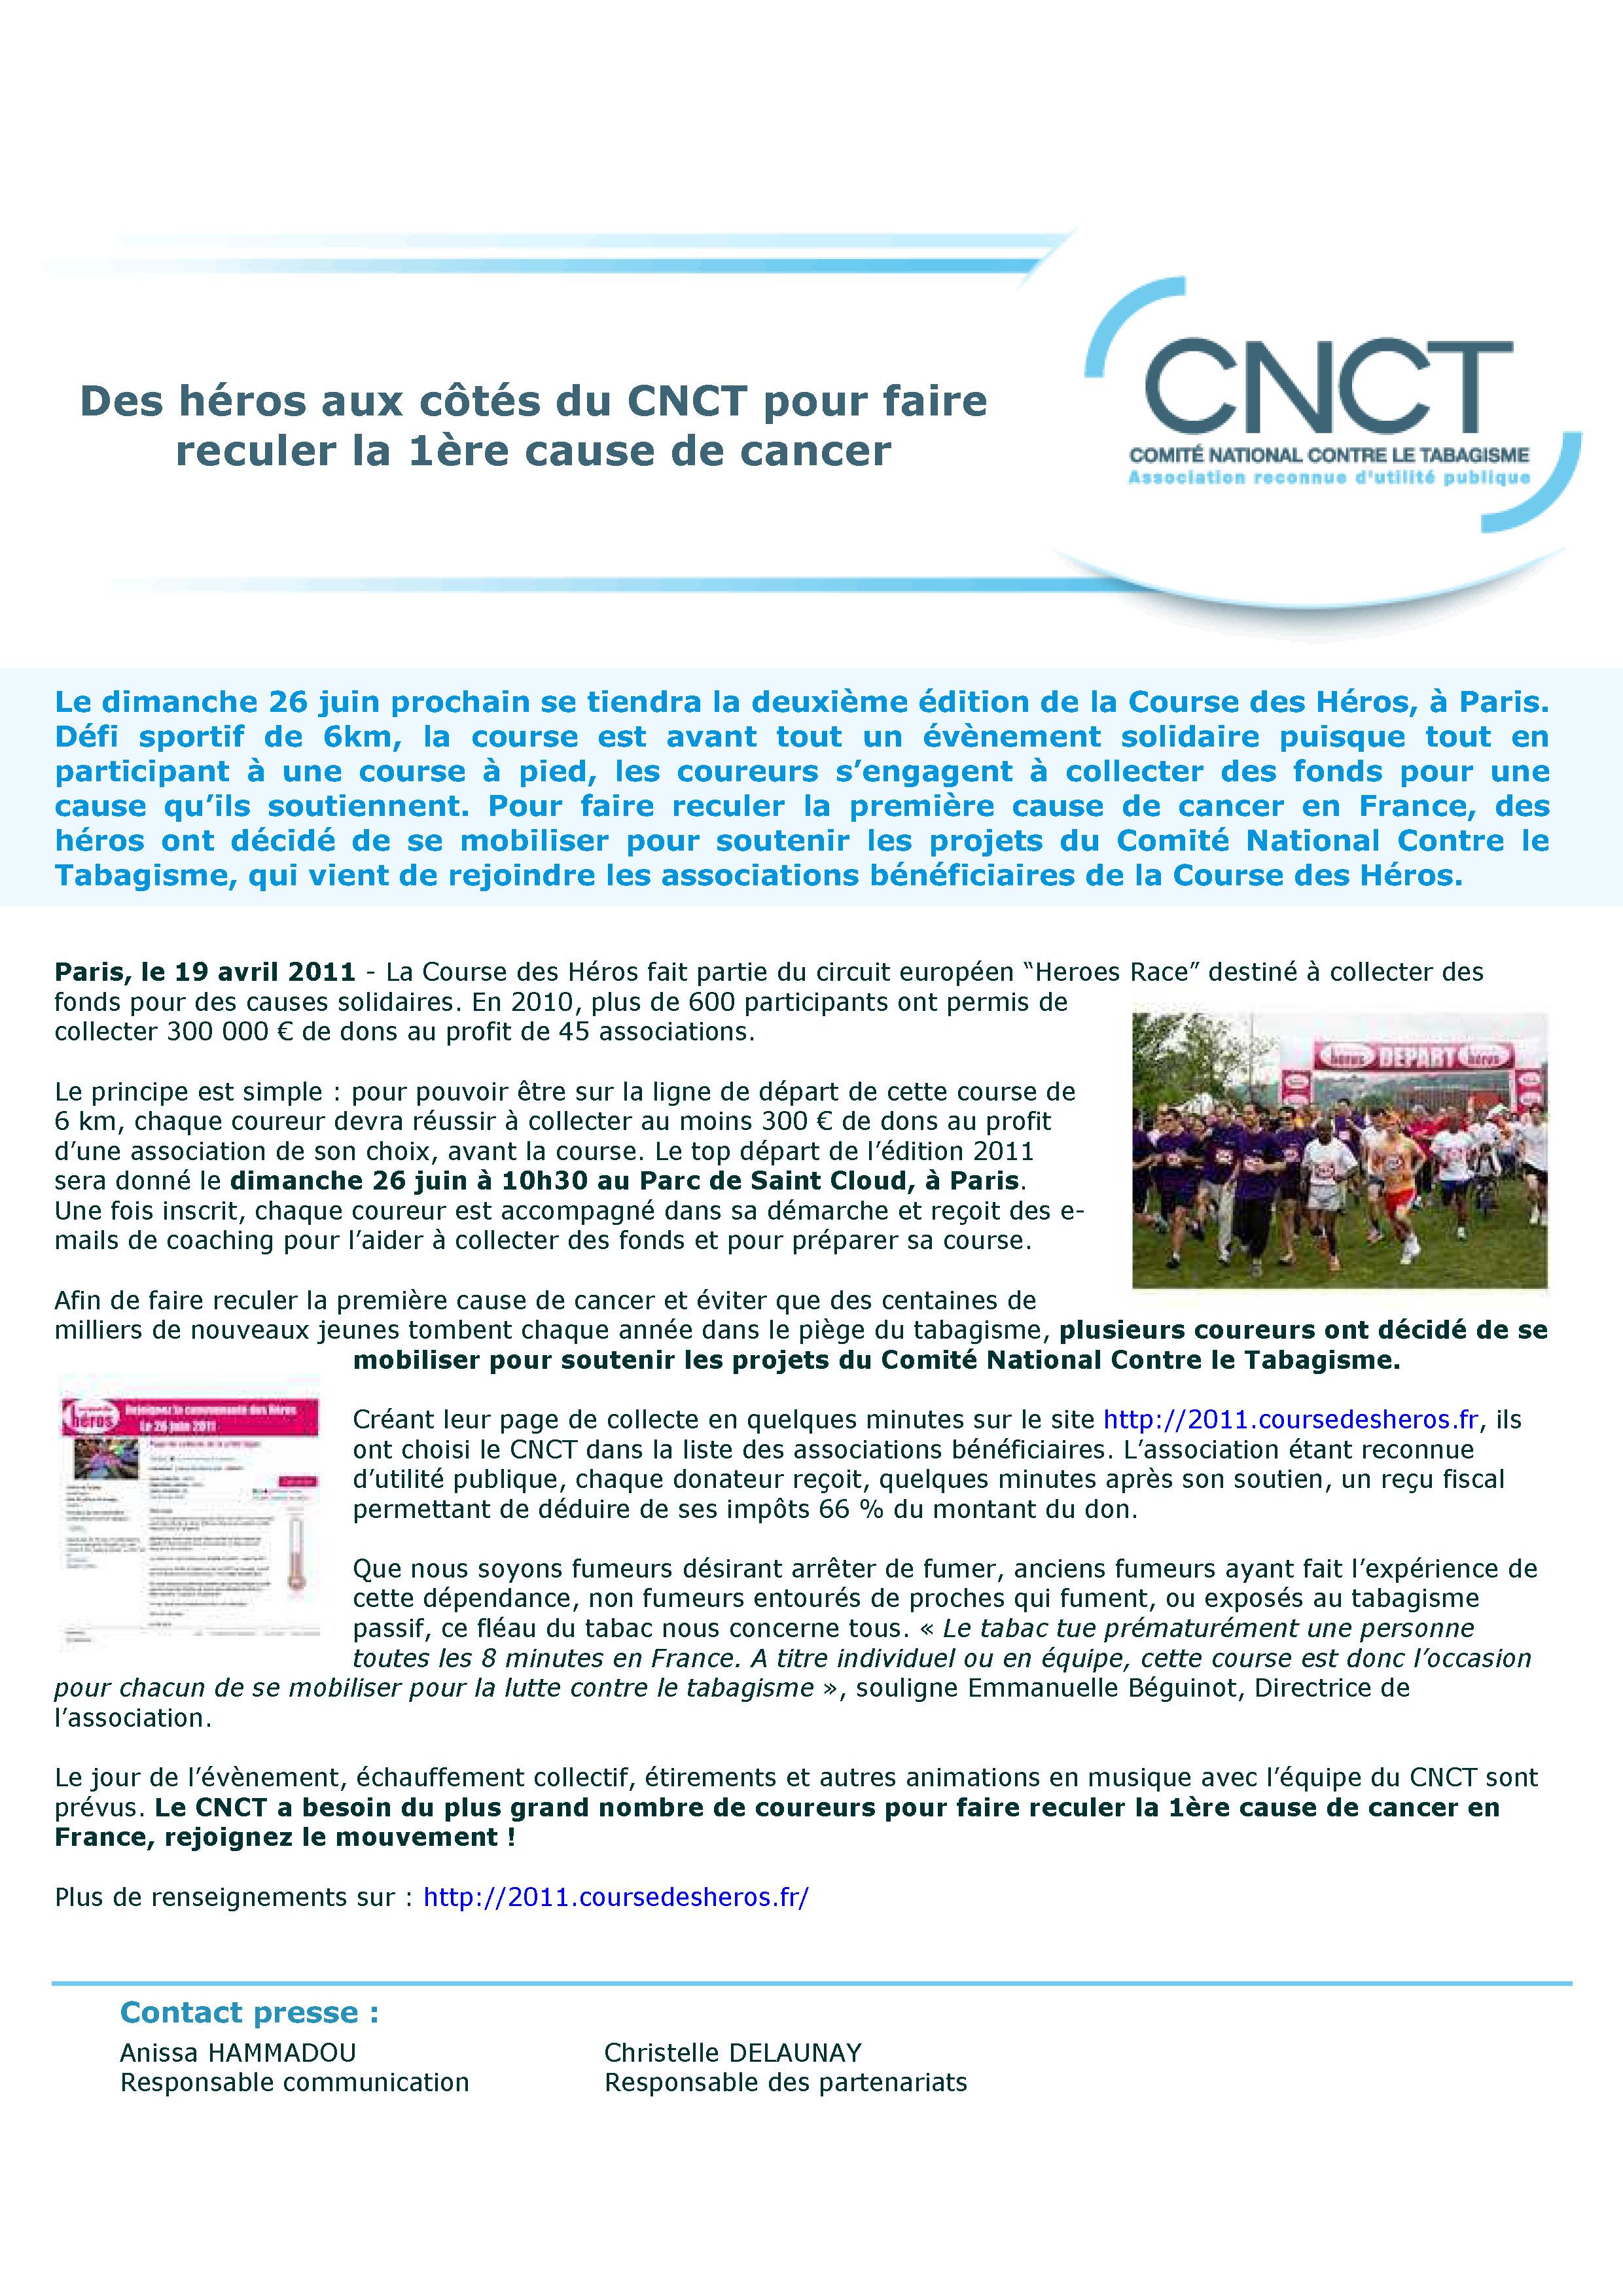 CNCT-CP_ des-heros-pour-faire-reculer-la-1ere-cause-de-cancer-20avr2011_Page_1.jpg